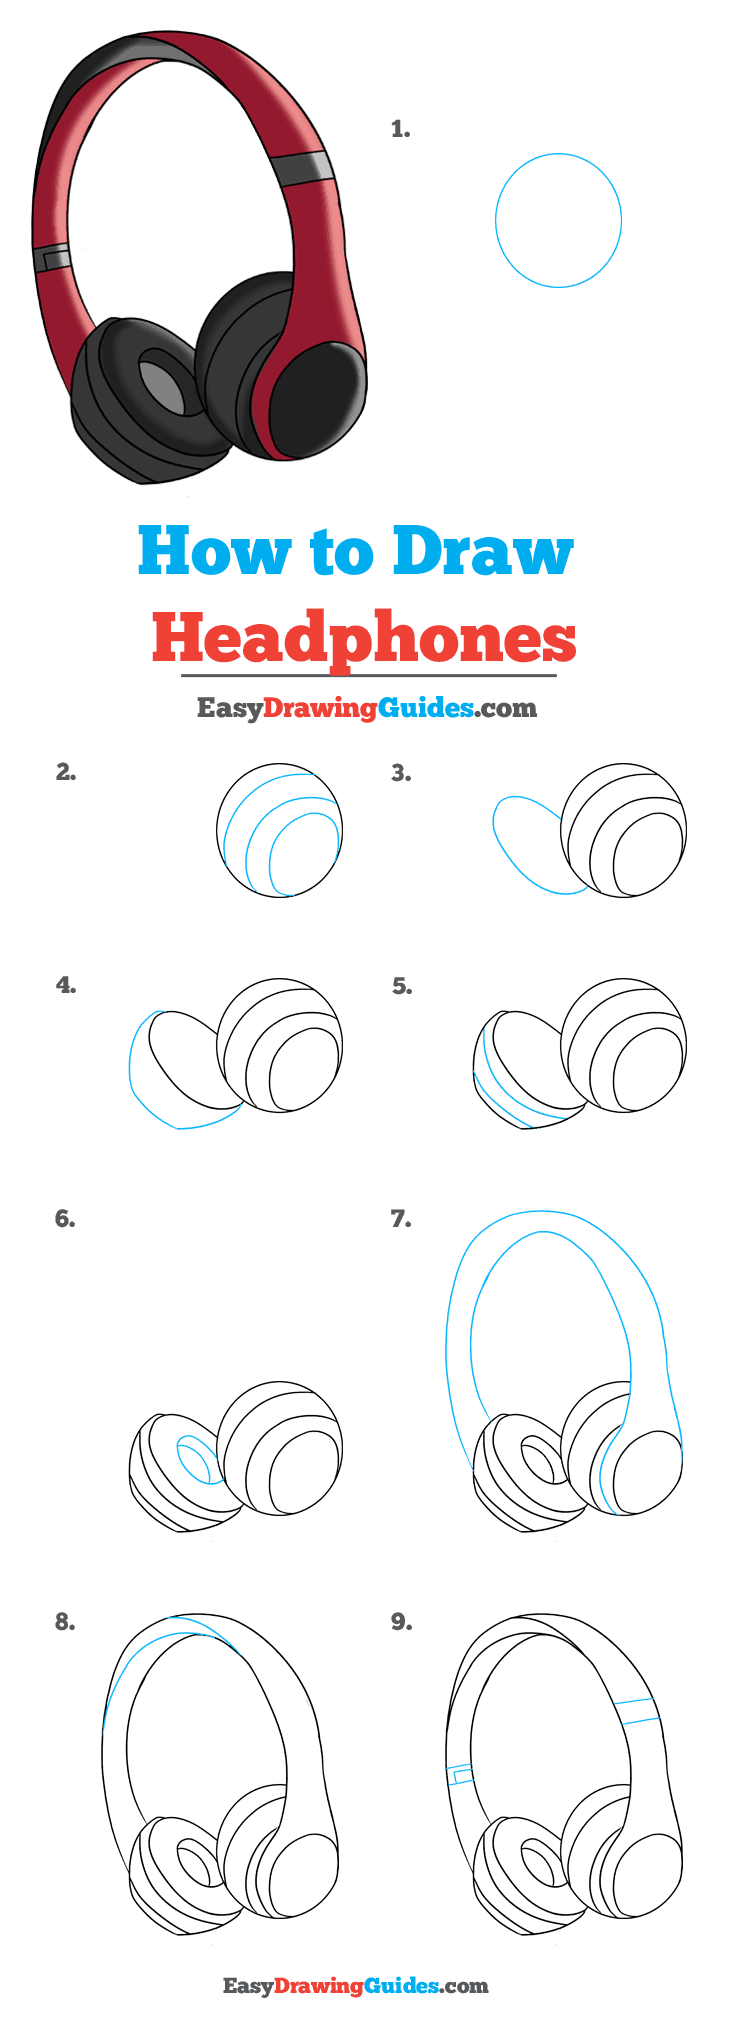 How to Draw Headphones